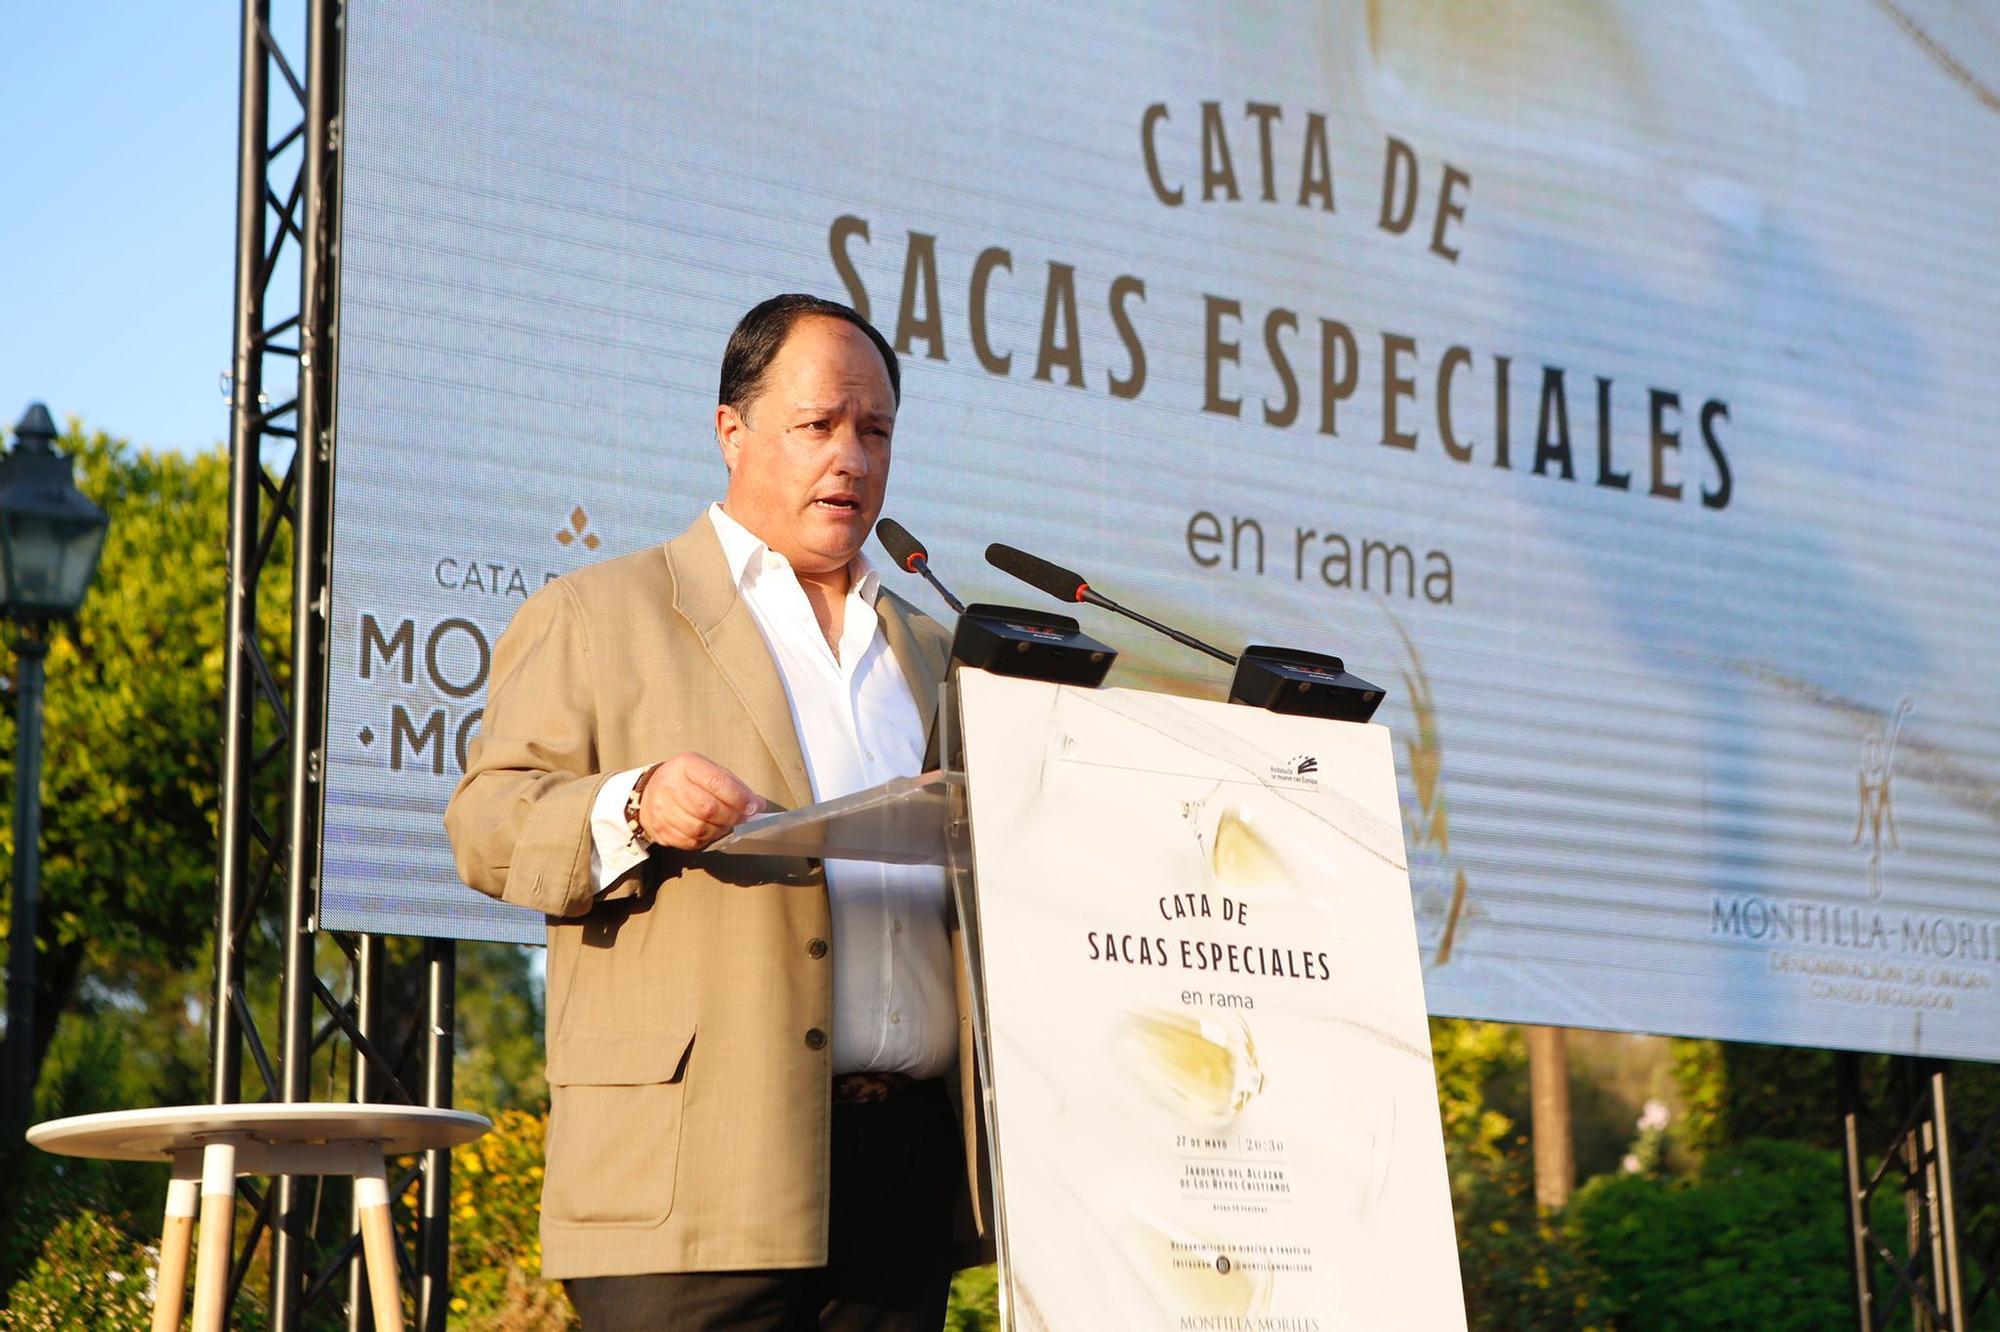 Cata dirigida de sacas especiales en el Alcázar de los Reyes Cristianos